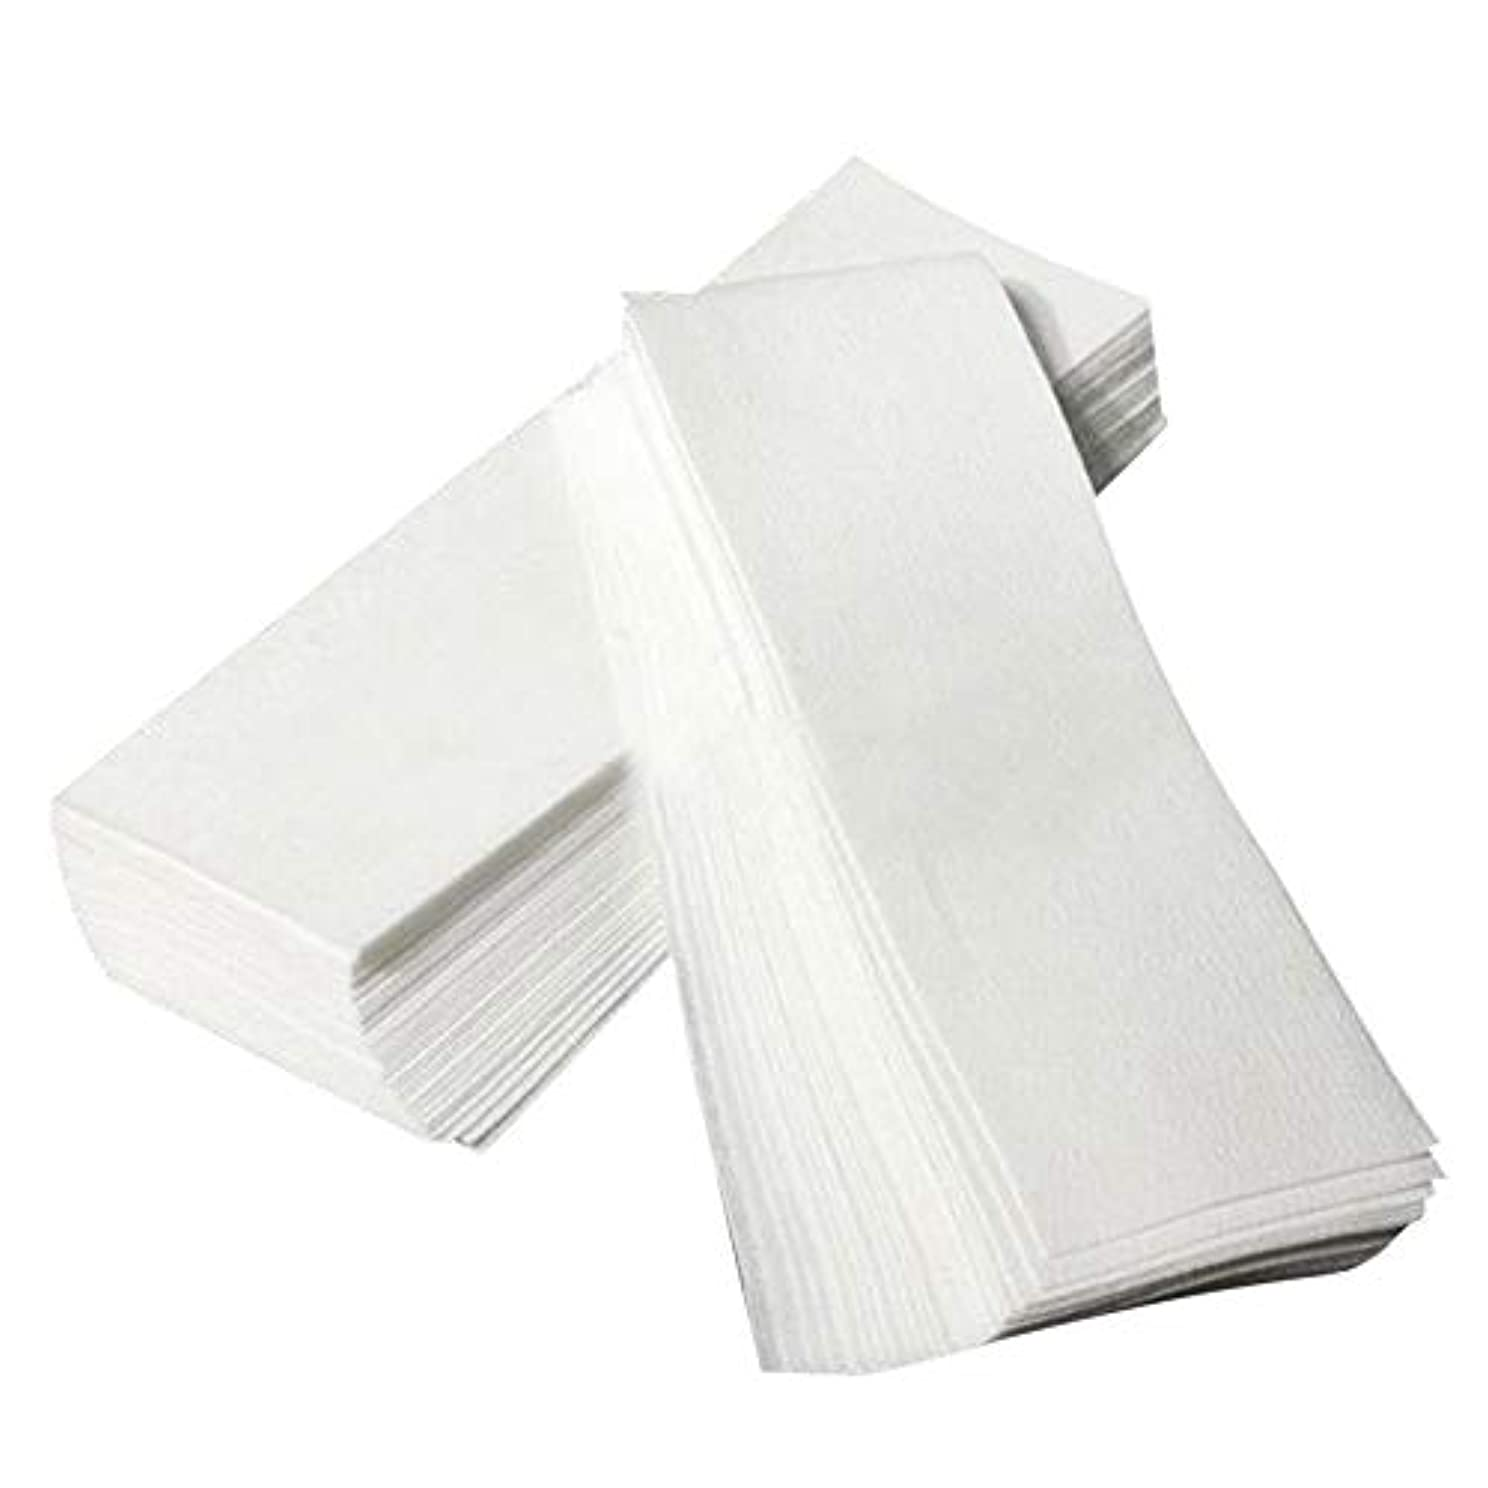 ルーフベースばかげている使い捨て 脱毛紙 100シート/パック 不織布 美容ツール 脱毛器 女性たち スムーズな脚のワックスがけ